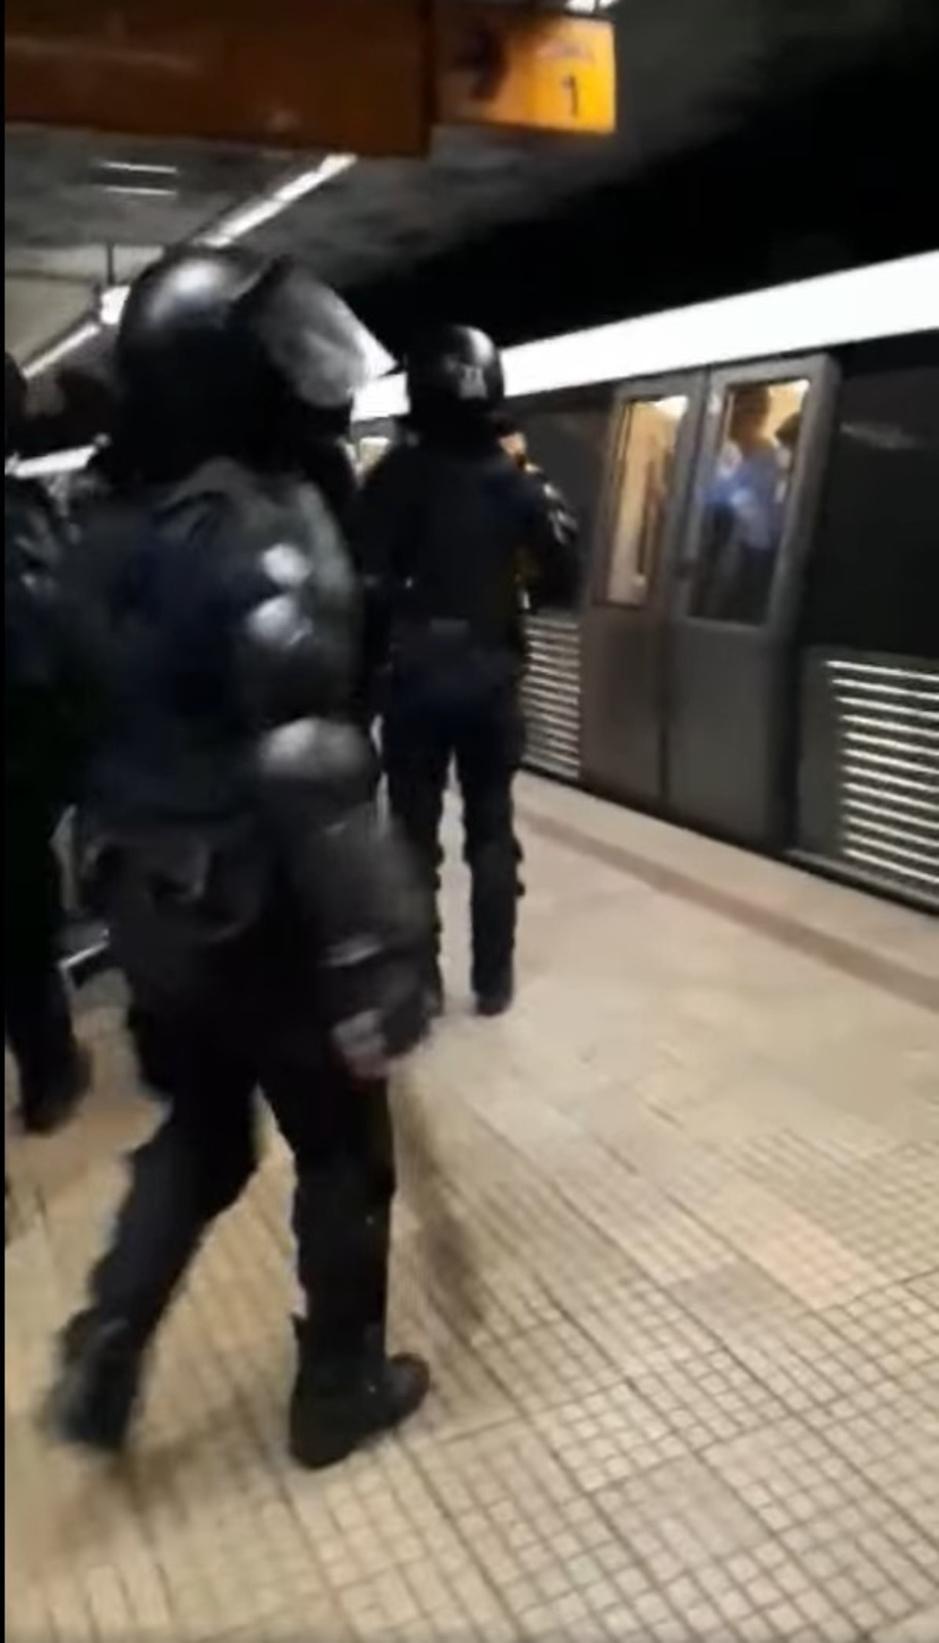 Factcheck: Nee, video toont geen politiegeweld tegen 'spuwende Marokkaanse jongeren'